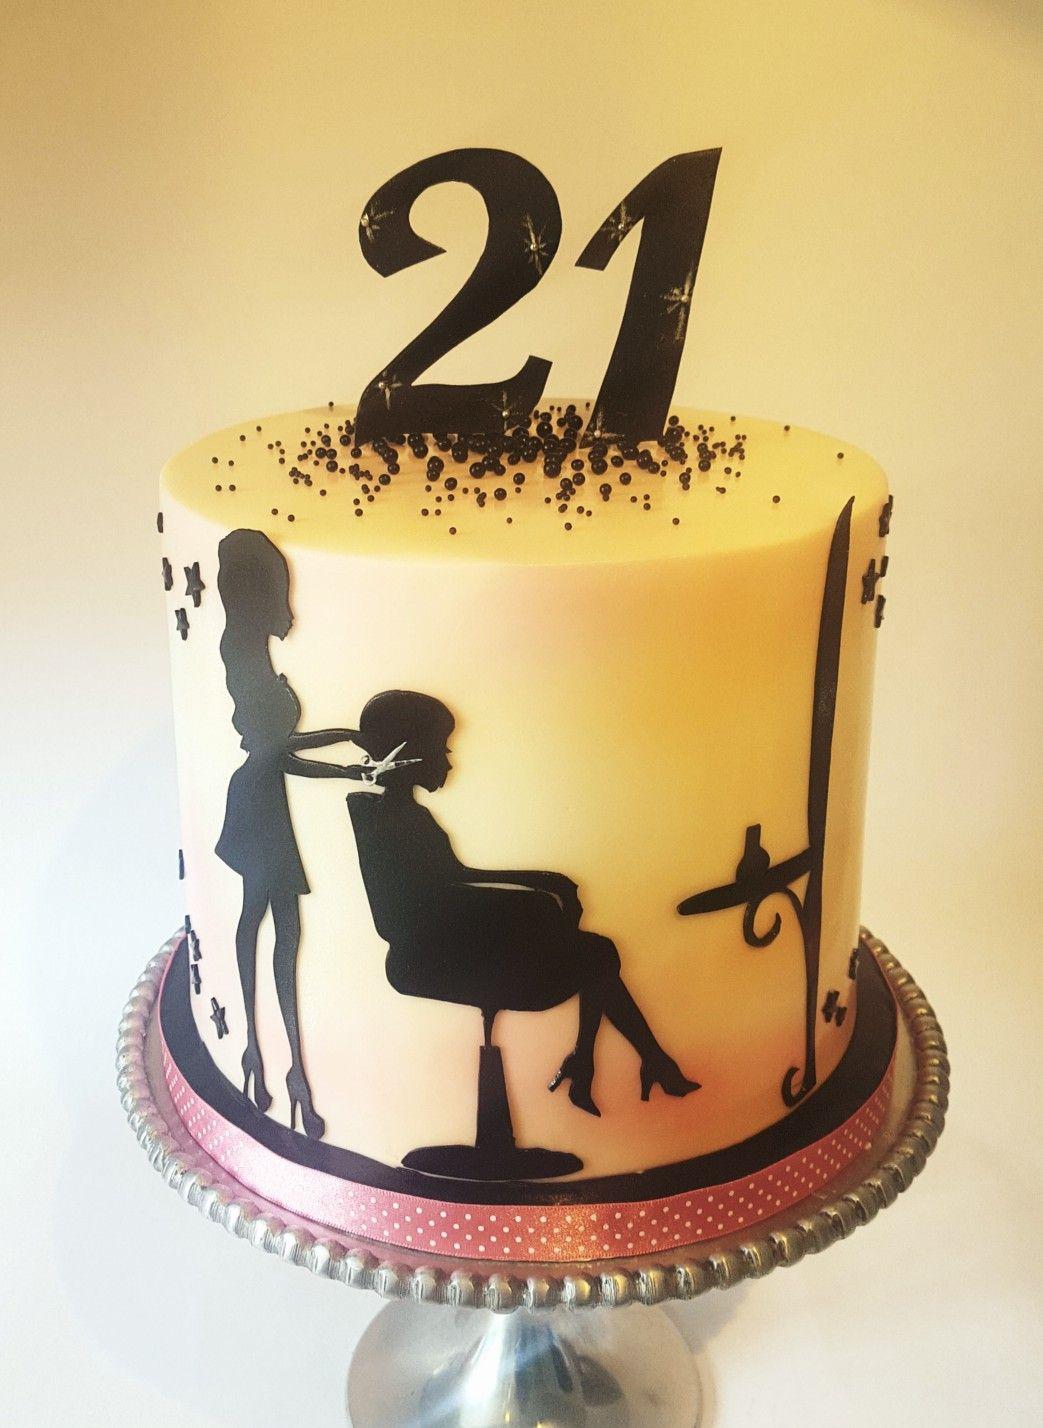 Hairdresser Cake Ideas 21st Birthday